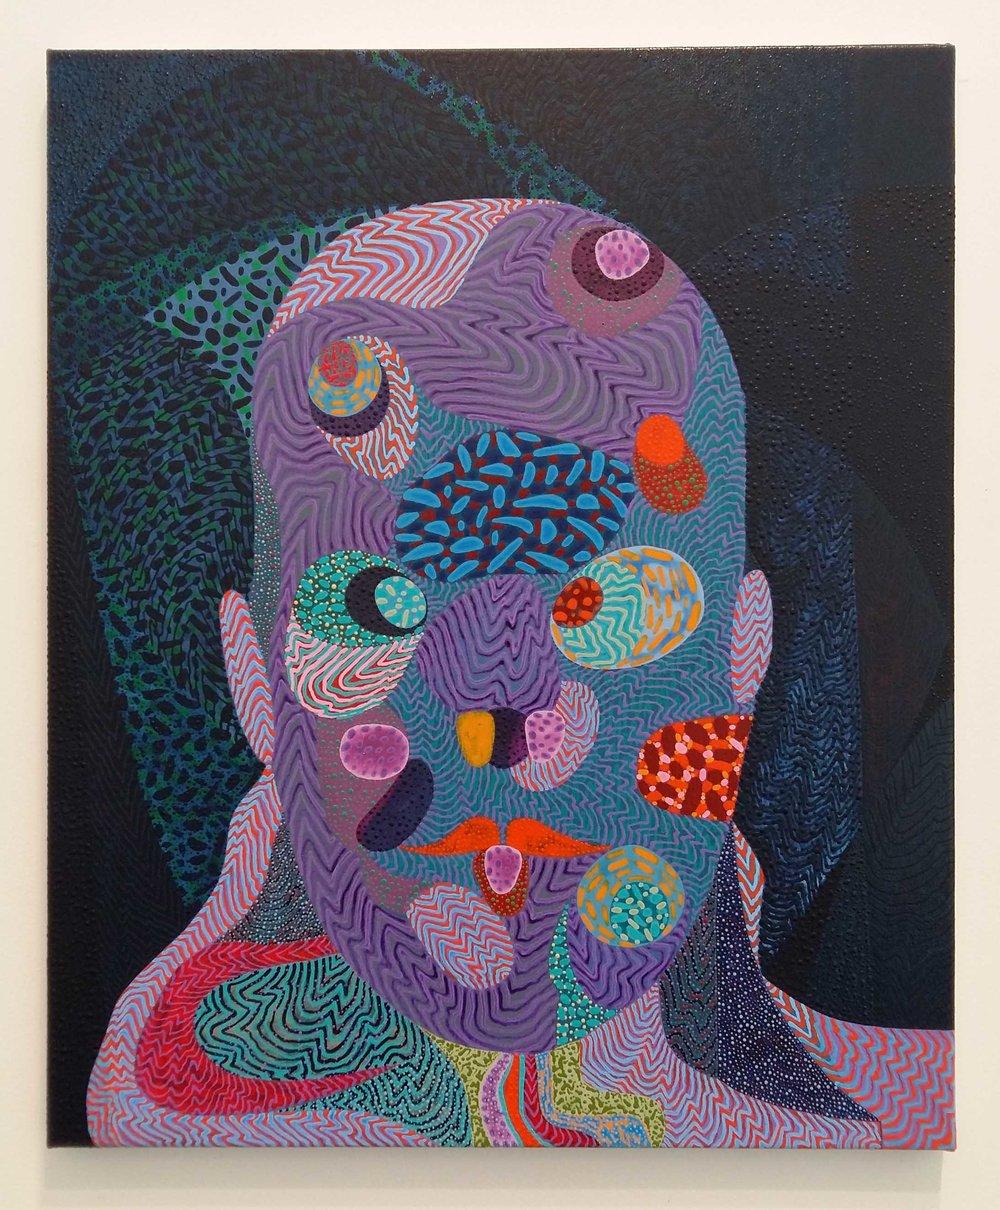 Arie Hellendoorn  Tilt , 2016/2018 Acrylic on linen 500 x 610 mm $4,000 incl. GST  _______